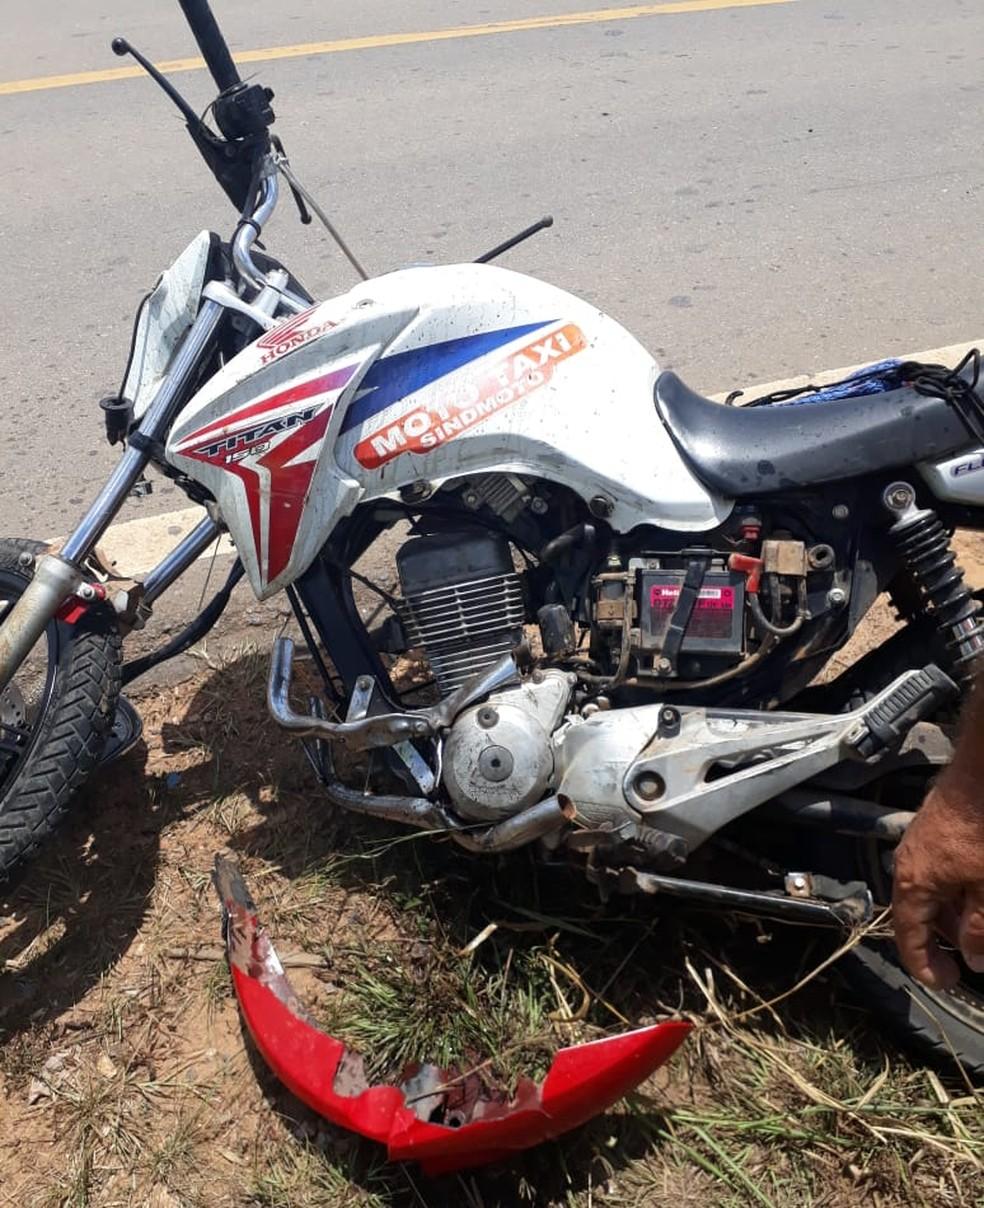 Raimundo Antônio dirigia a motocicleta e teve uma das pernas dilacerada no acidente, segundo testemunha — Foto: Antônio Carlos Rodrigues/Arquivo pessoal